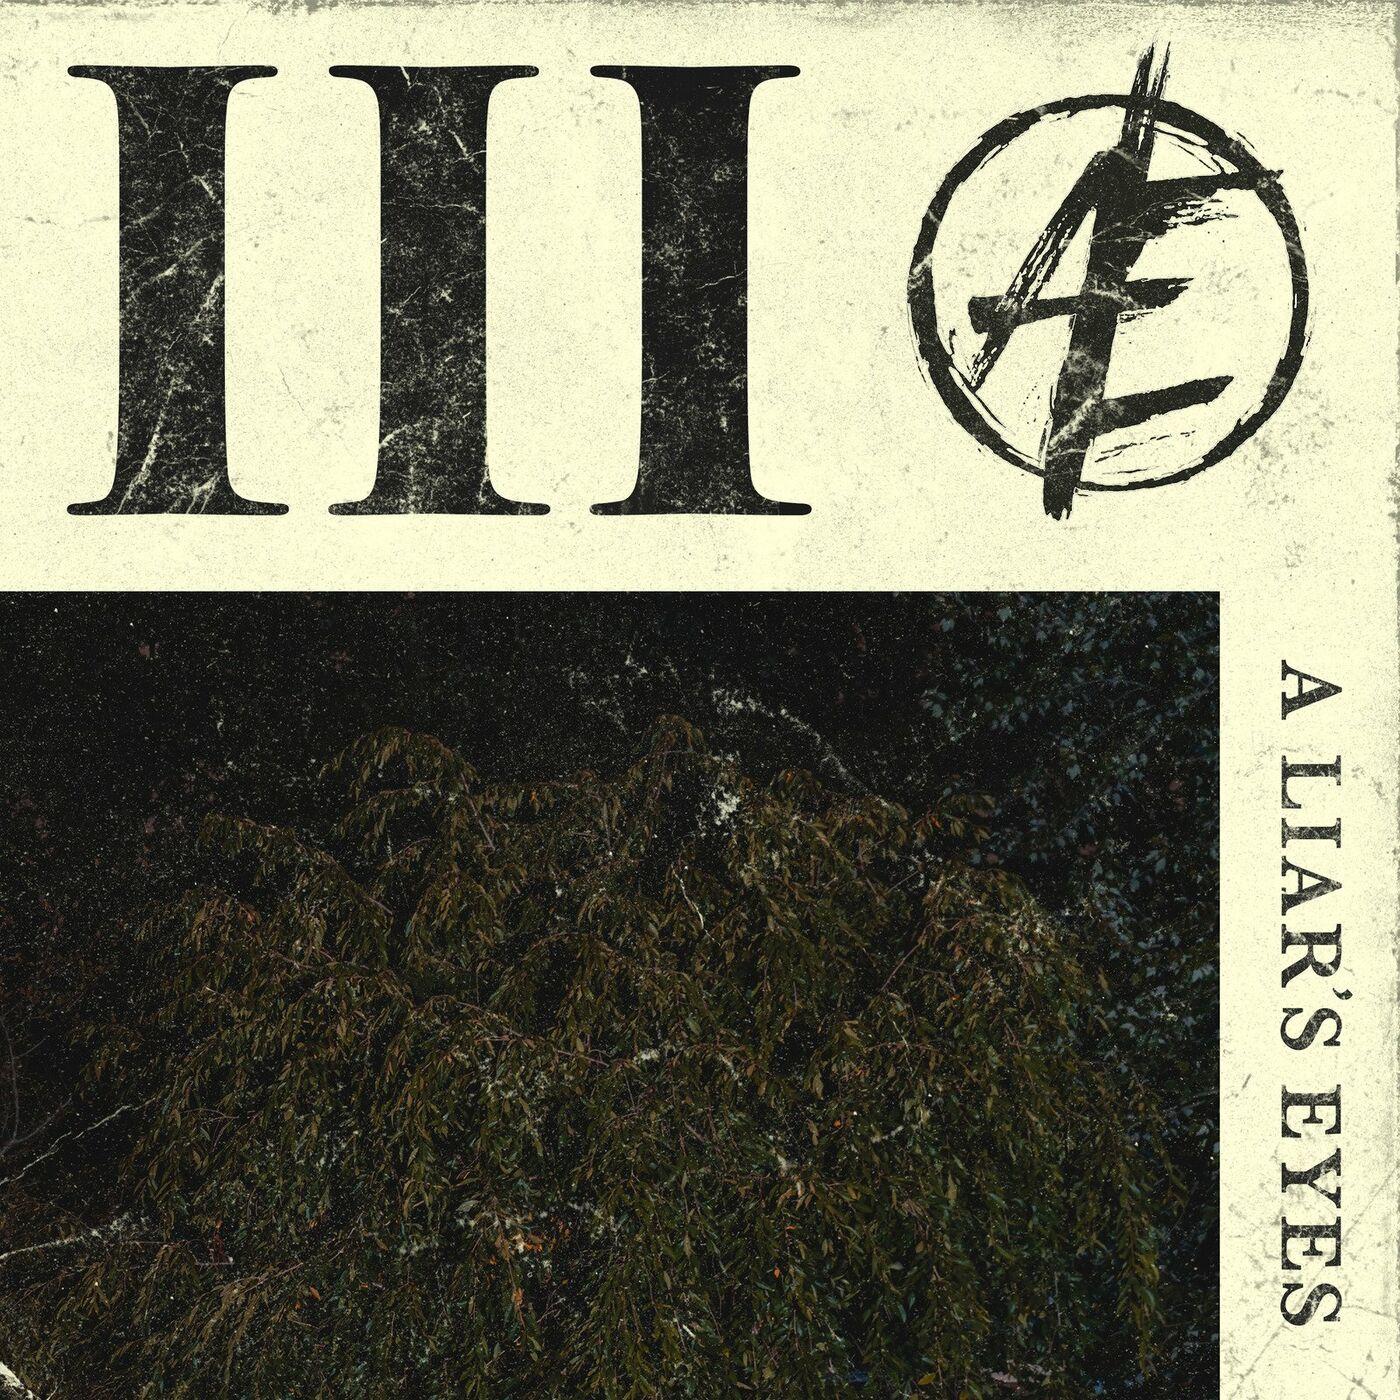 A Liar's Eyes - 20:20 Part III [EP] (2020)